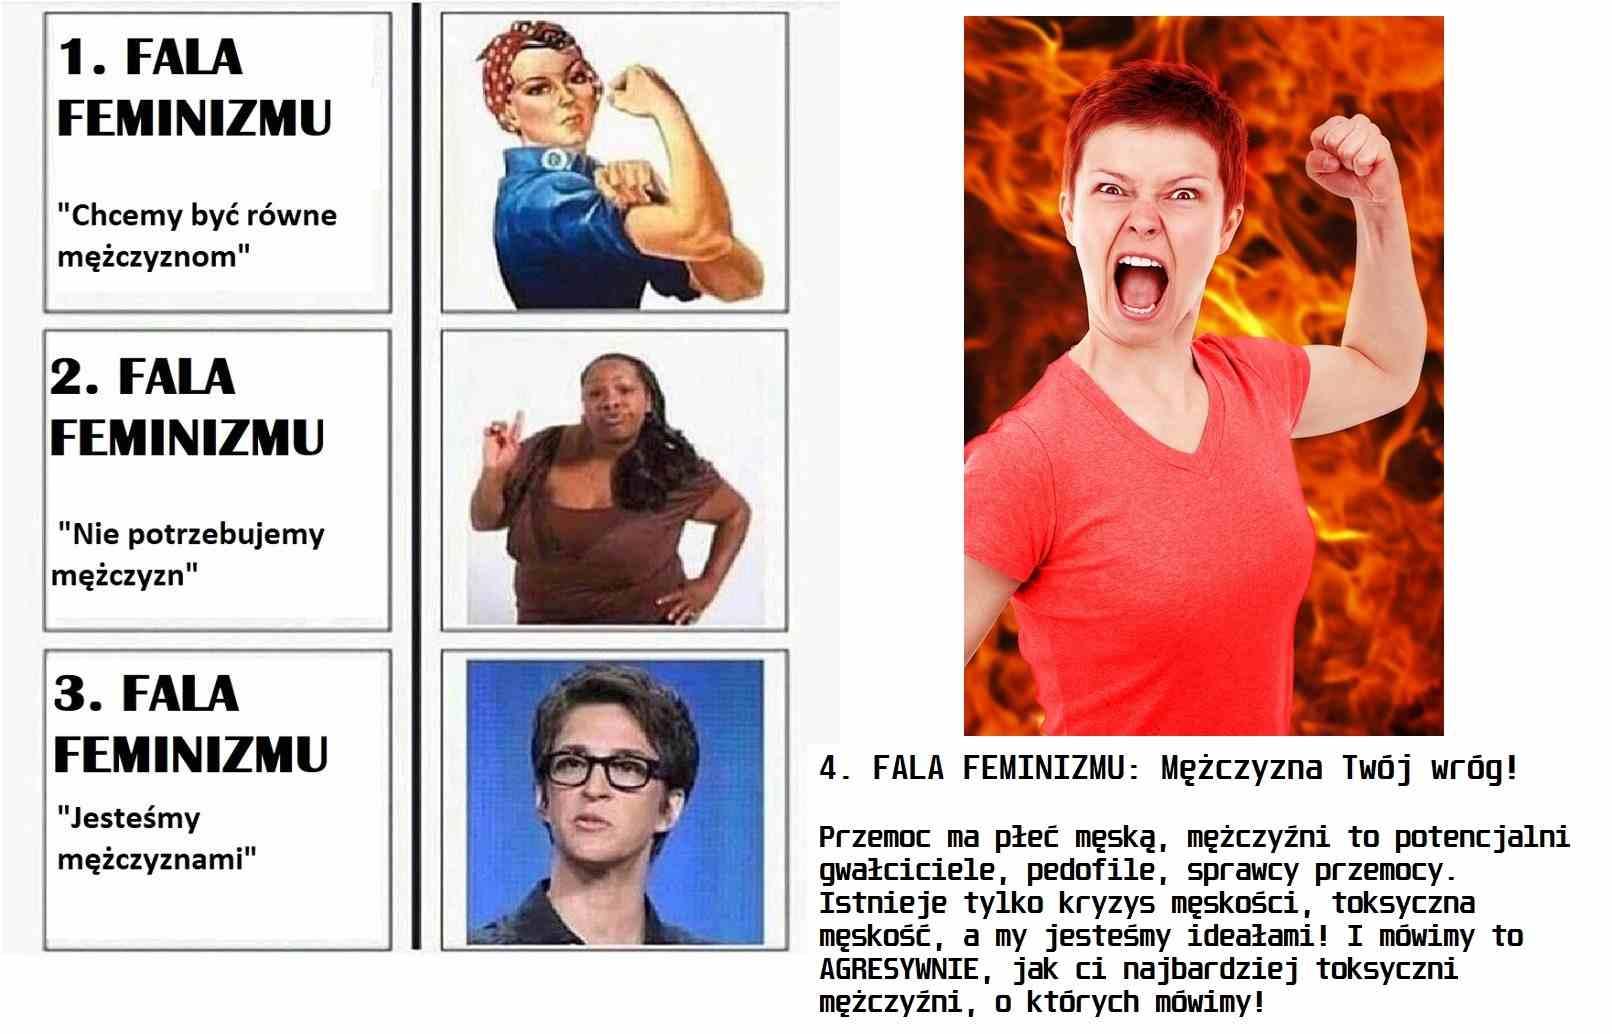 pytania kobiet do mężczyzn o fale feminizmu